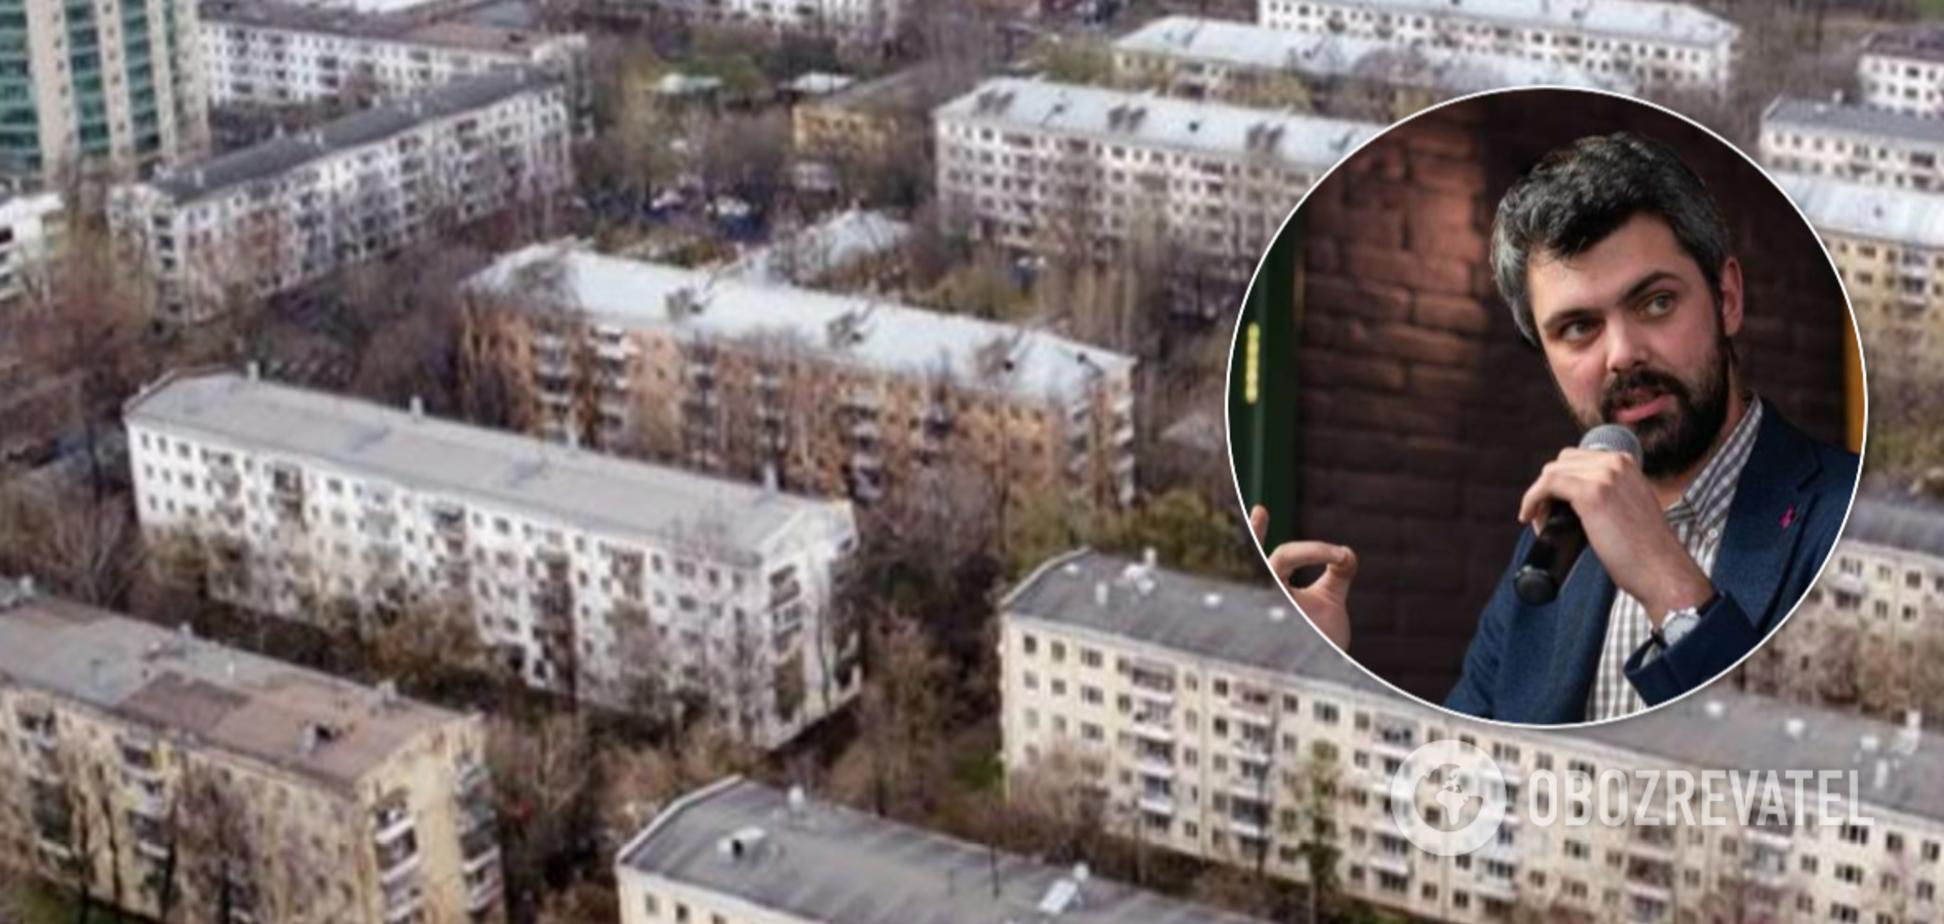 Озвучен вердикт по 'хрущевкам' и 'сталинкам' в Украине